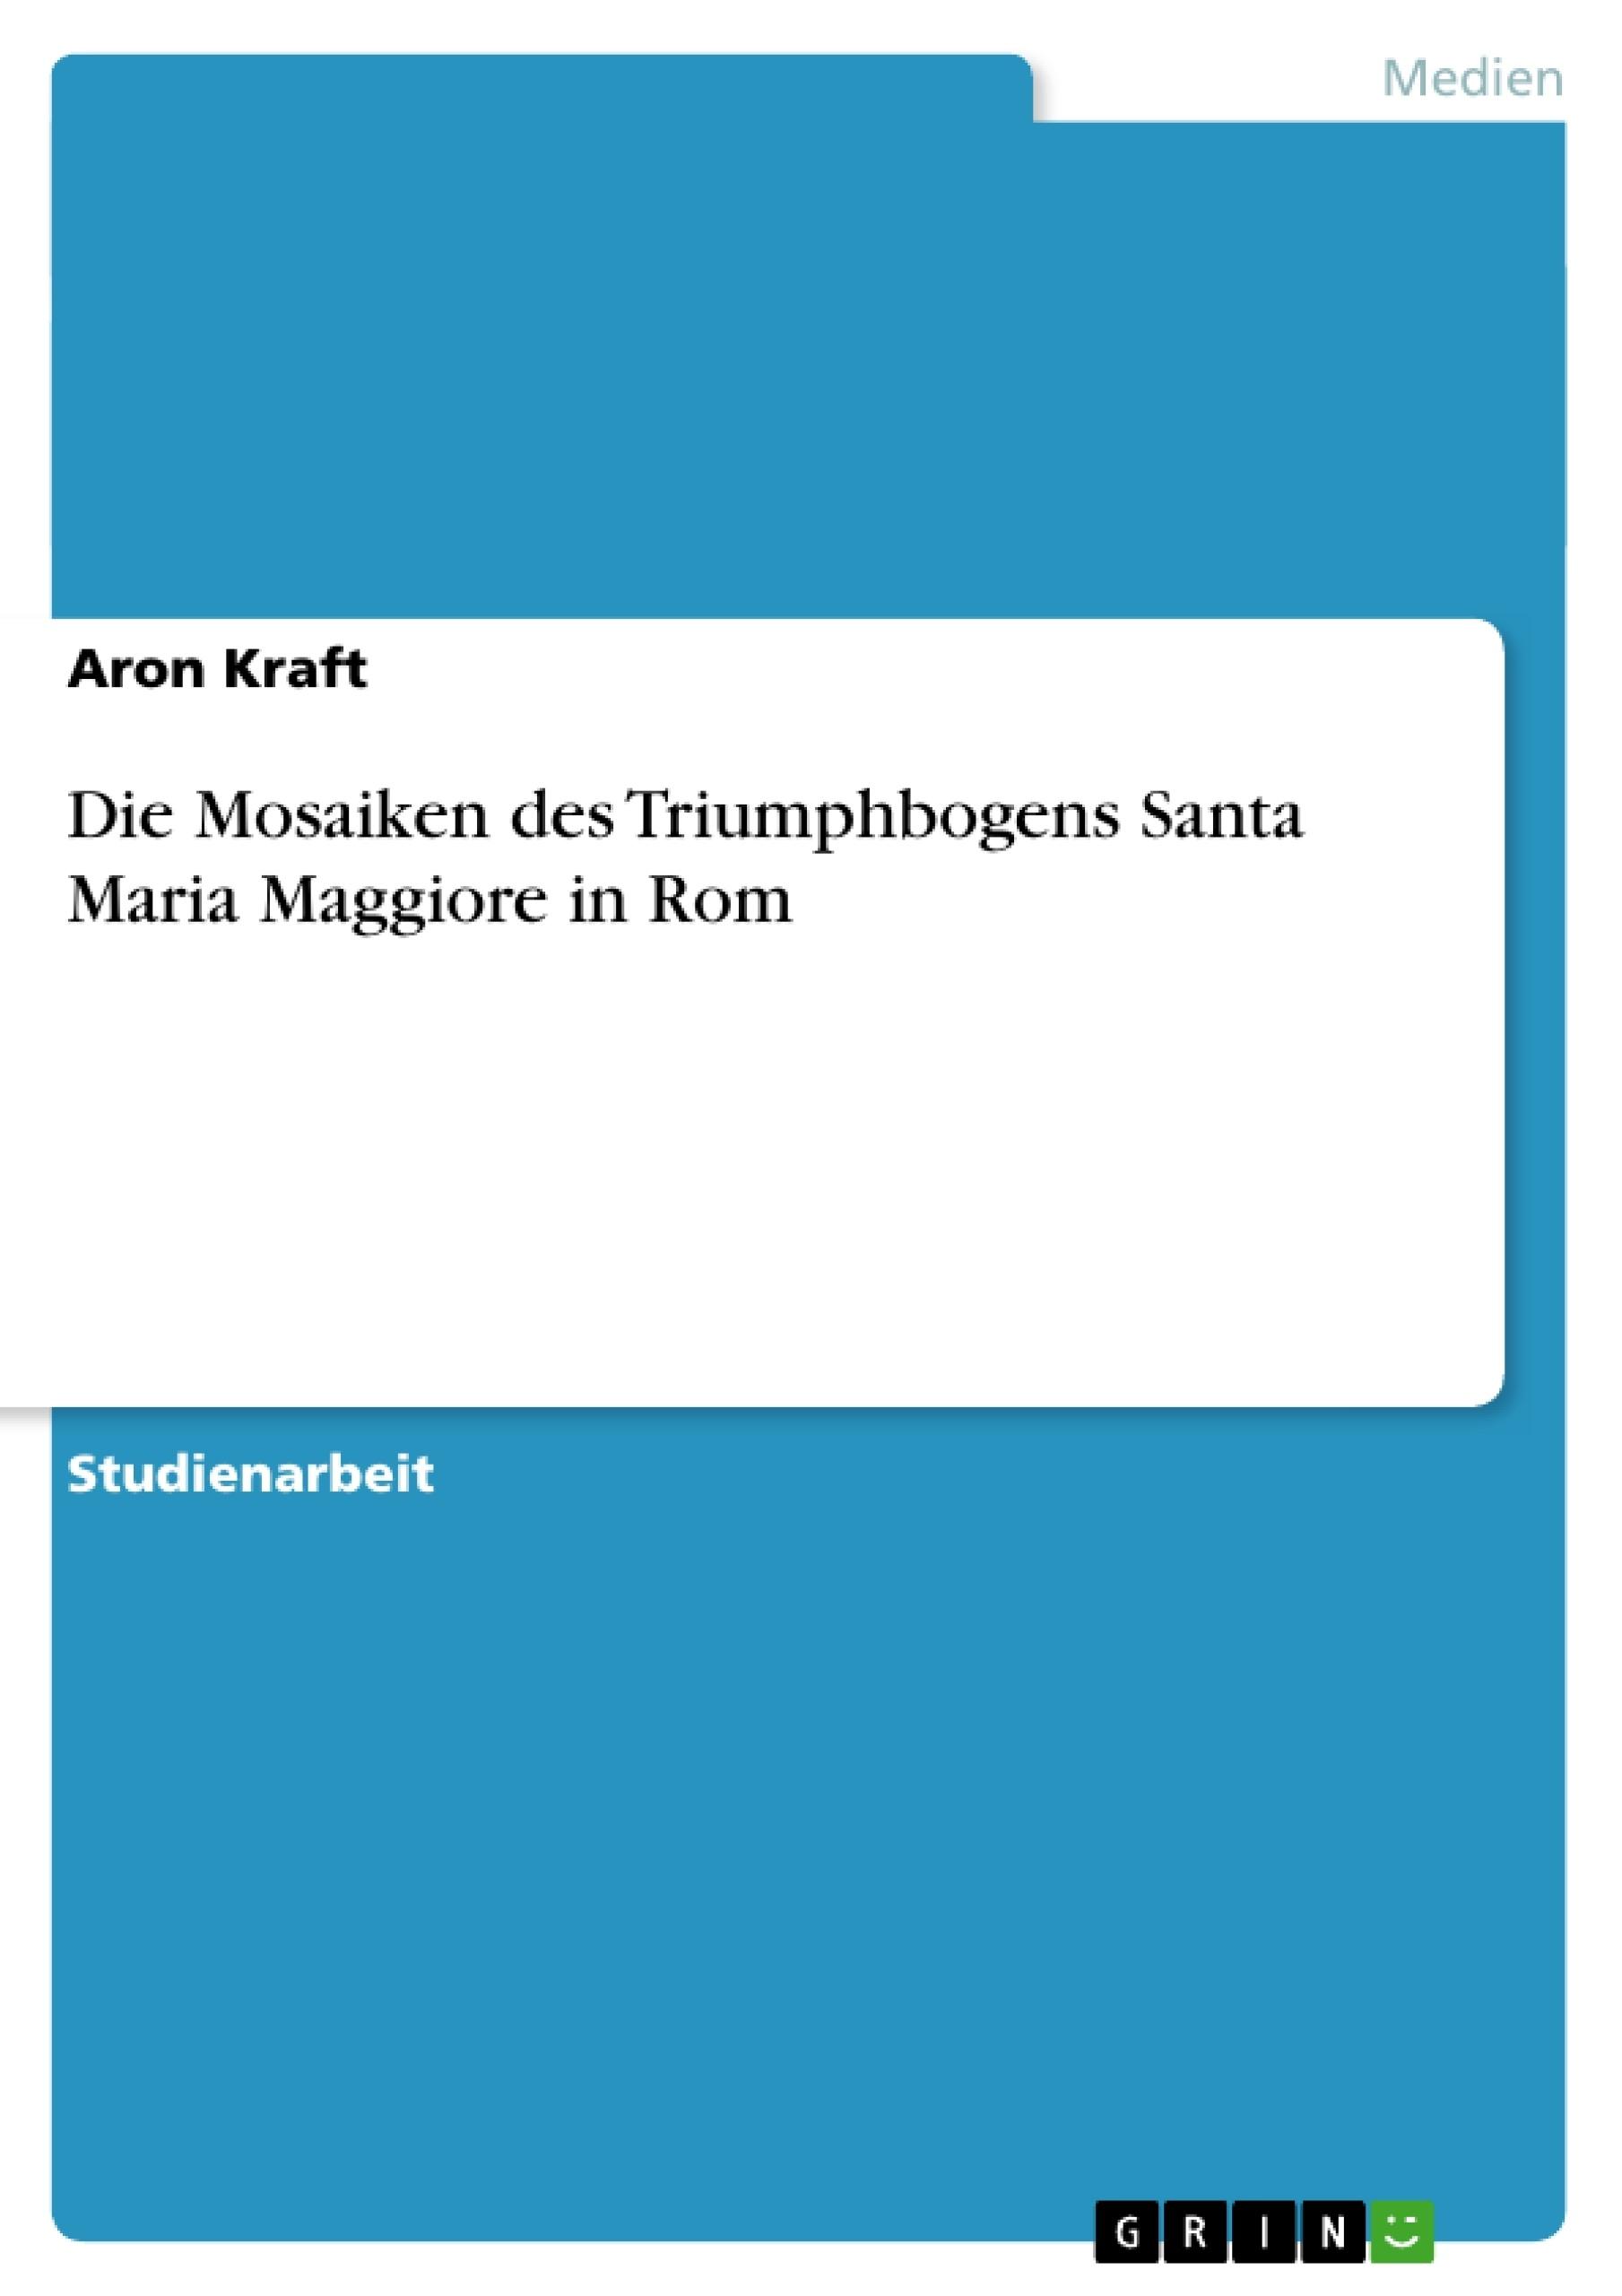 Titel: Die Mosaiken des Triumphbogens Santa Maria Maggiore in Rom